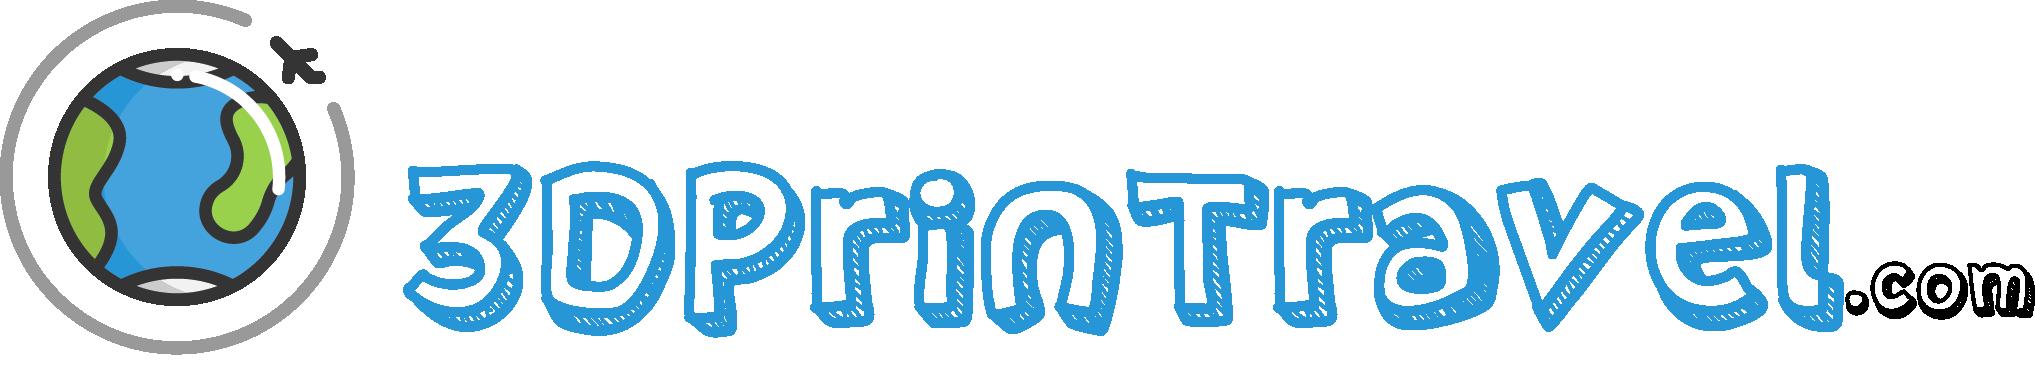 3DPrinTravel.com